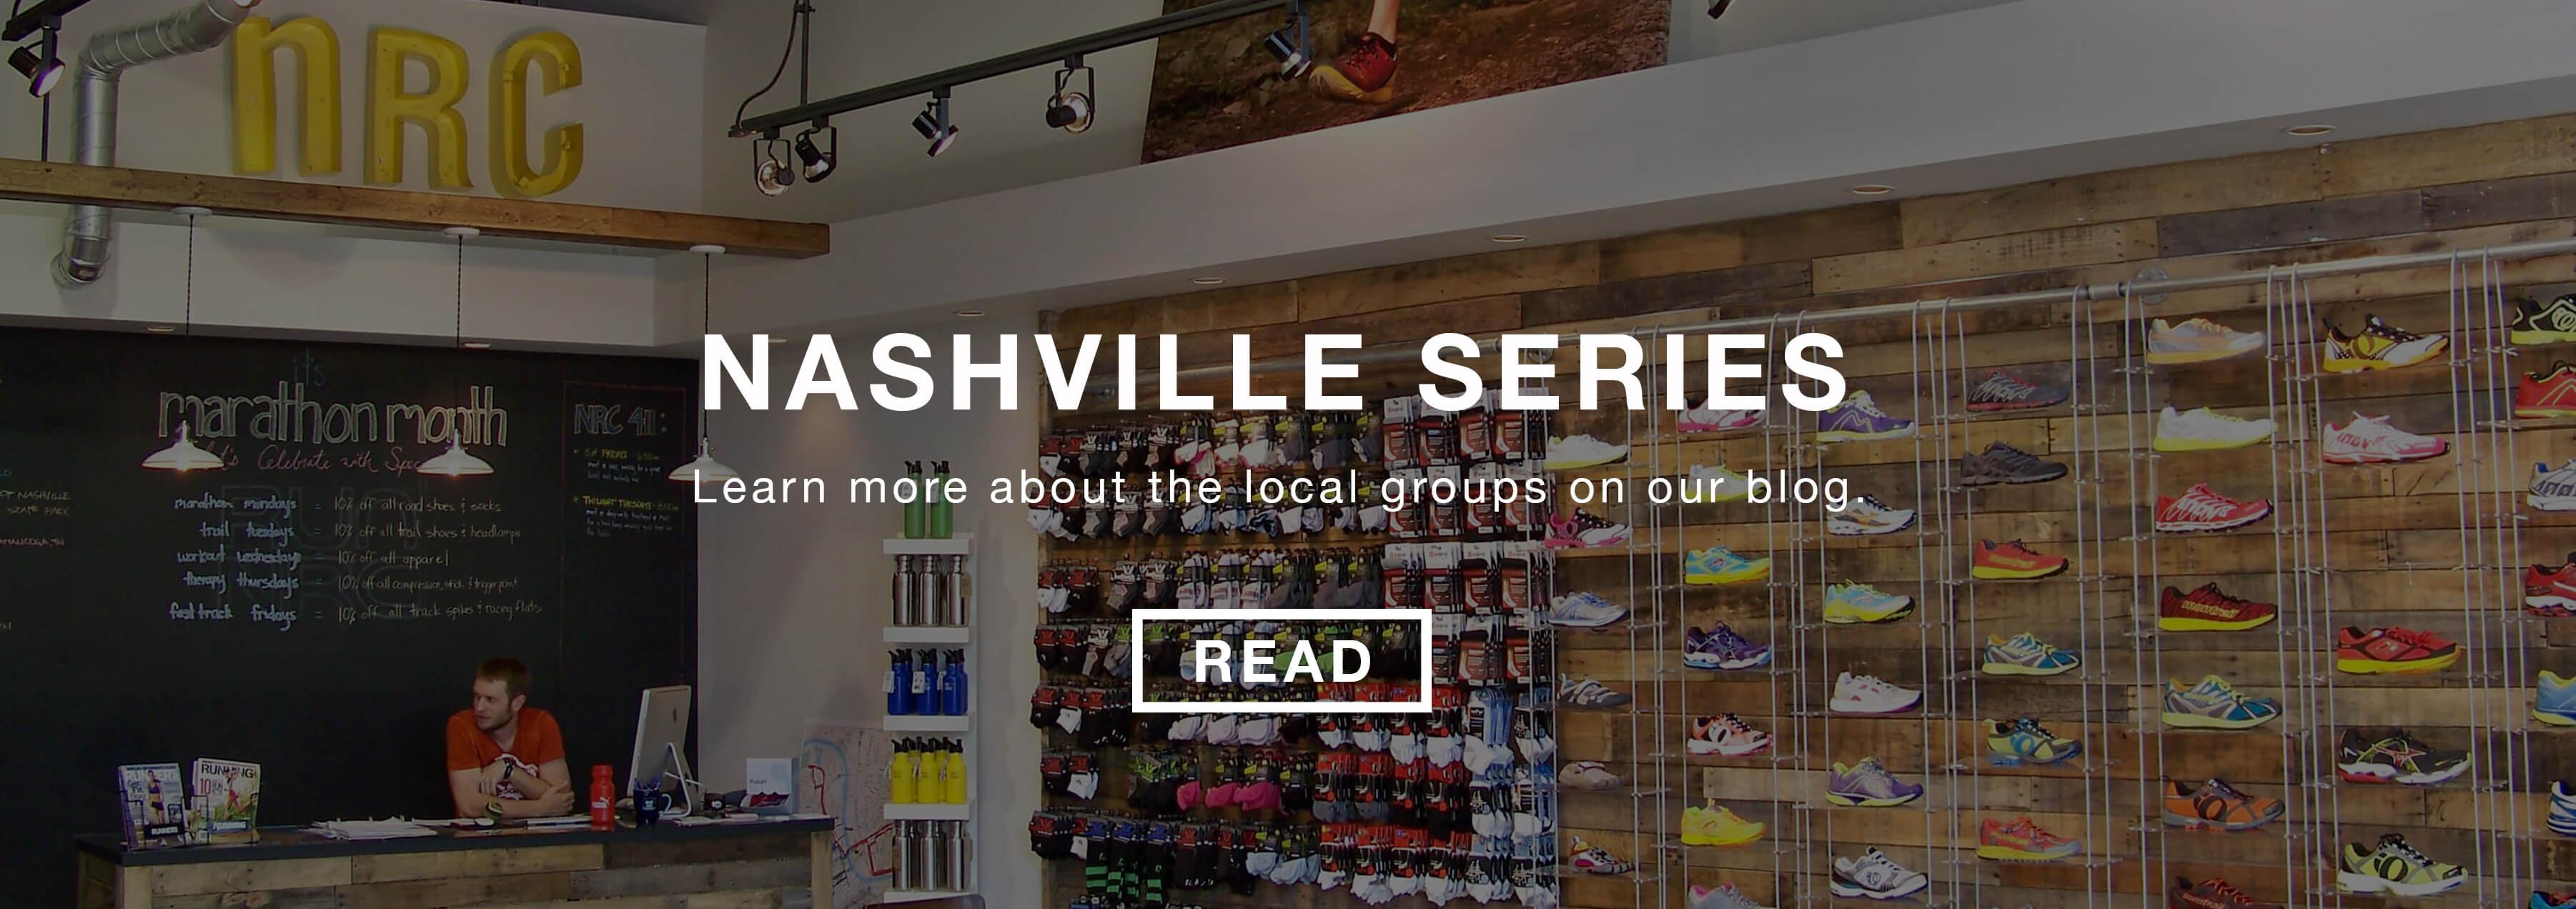 Nashville Outdoor Activites